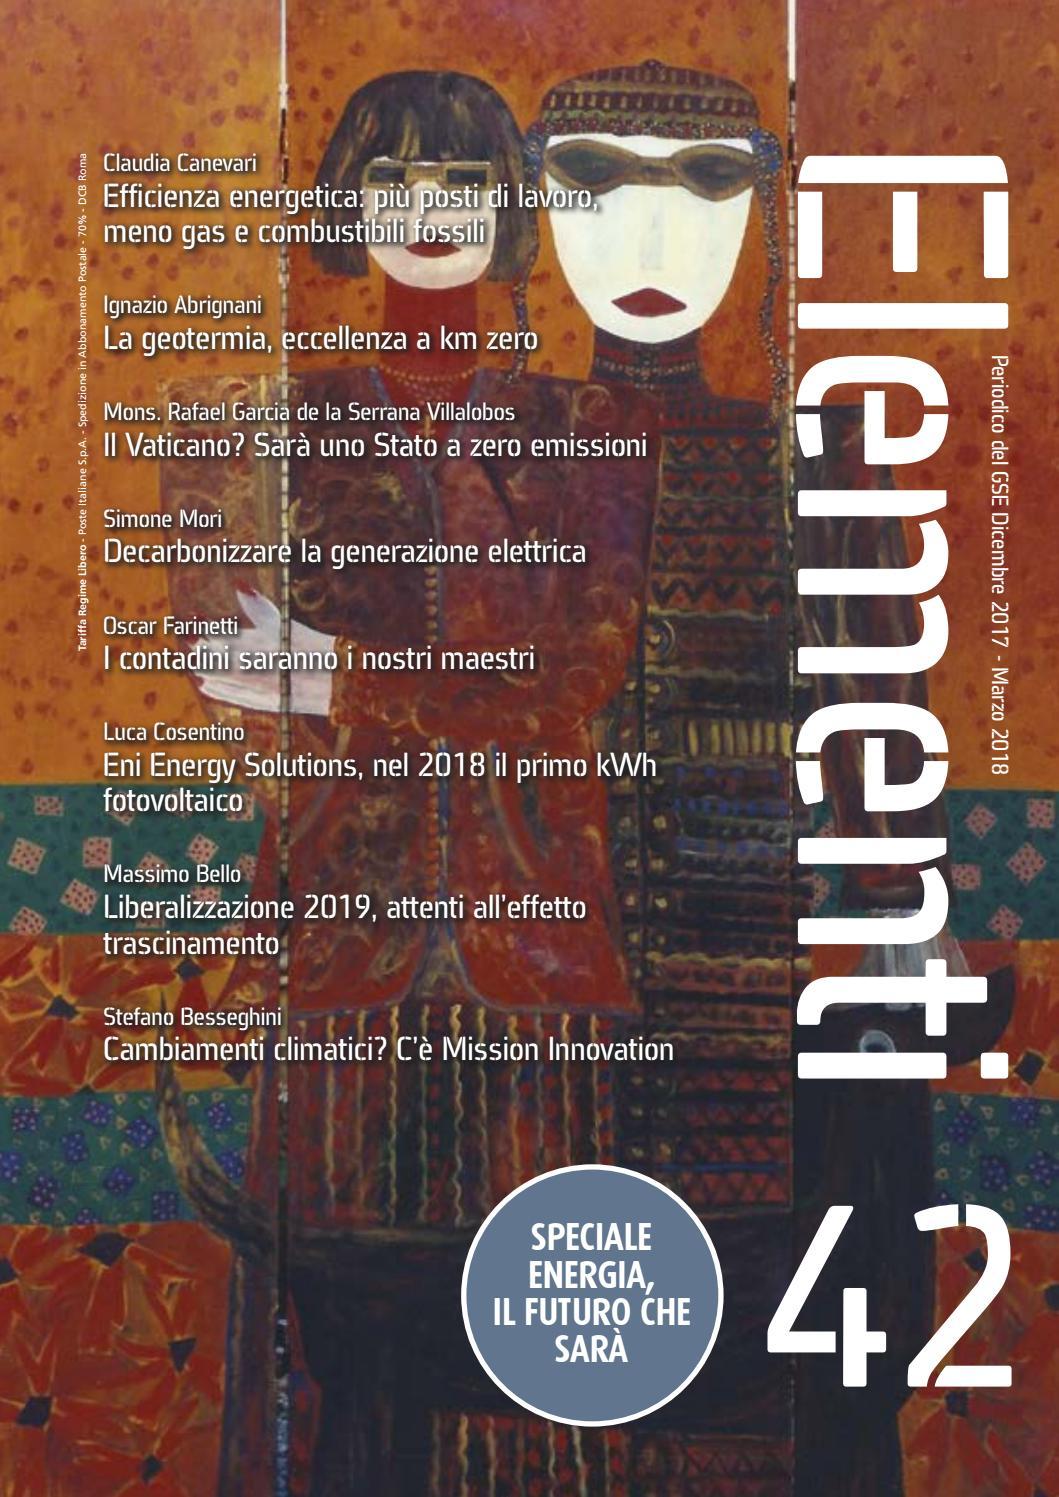 Elementi 42 - Dicembre 2017 - Marzo 2018 by Gestore dei Servizi Energetici  - GSE S.p.A. - issuu c60595713a86